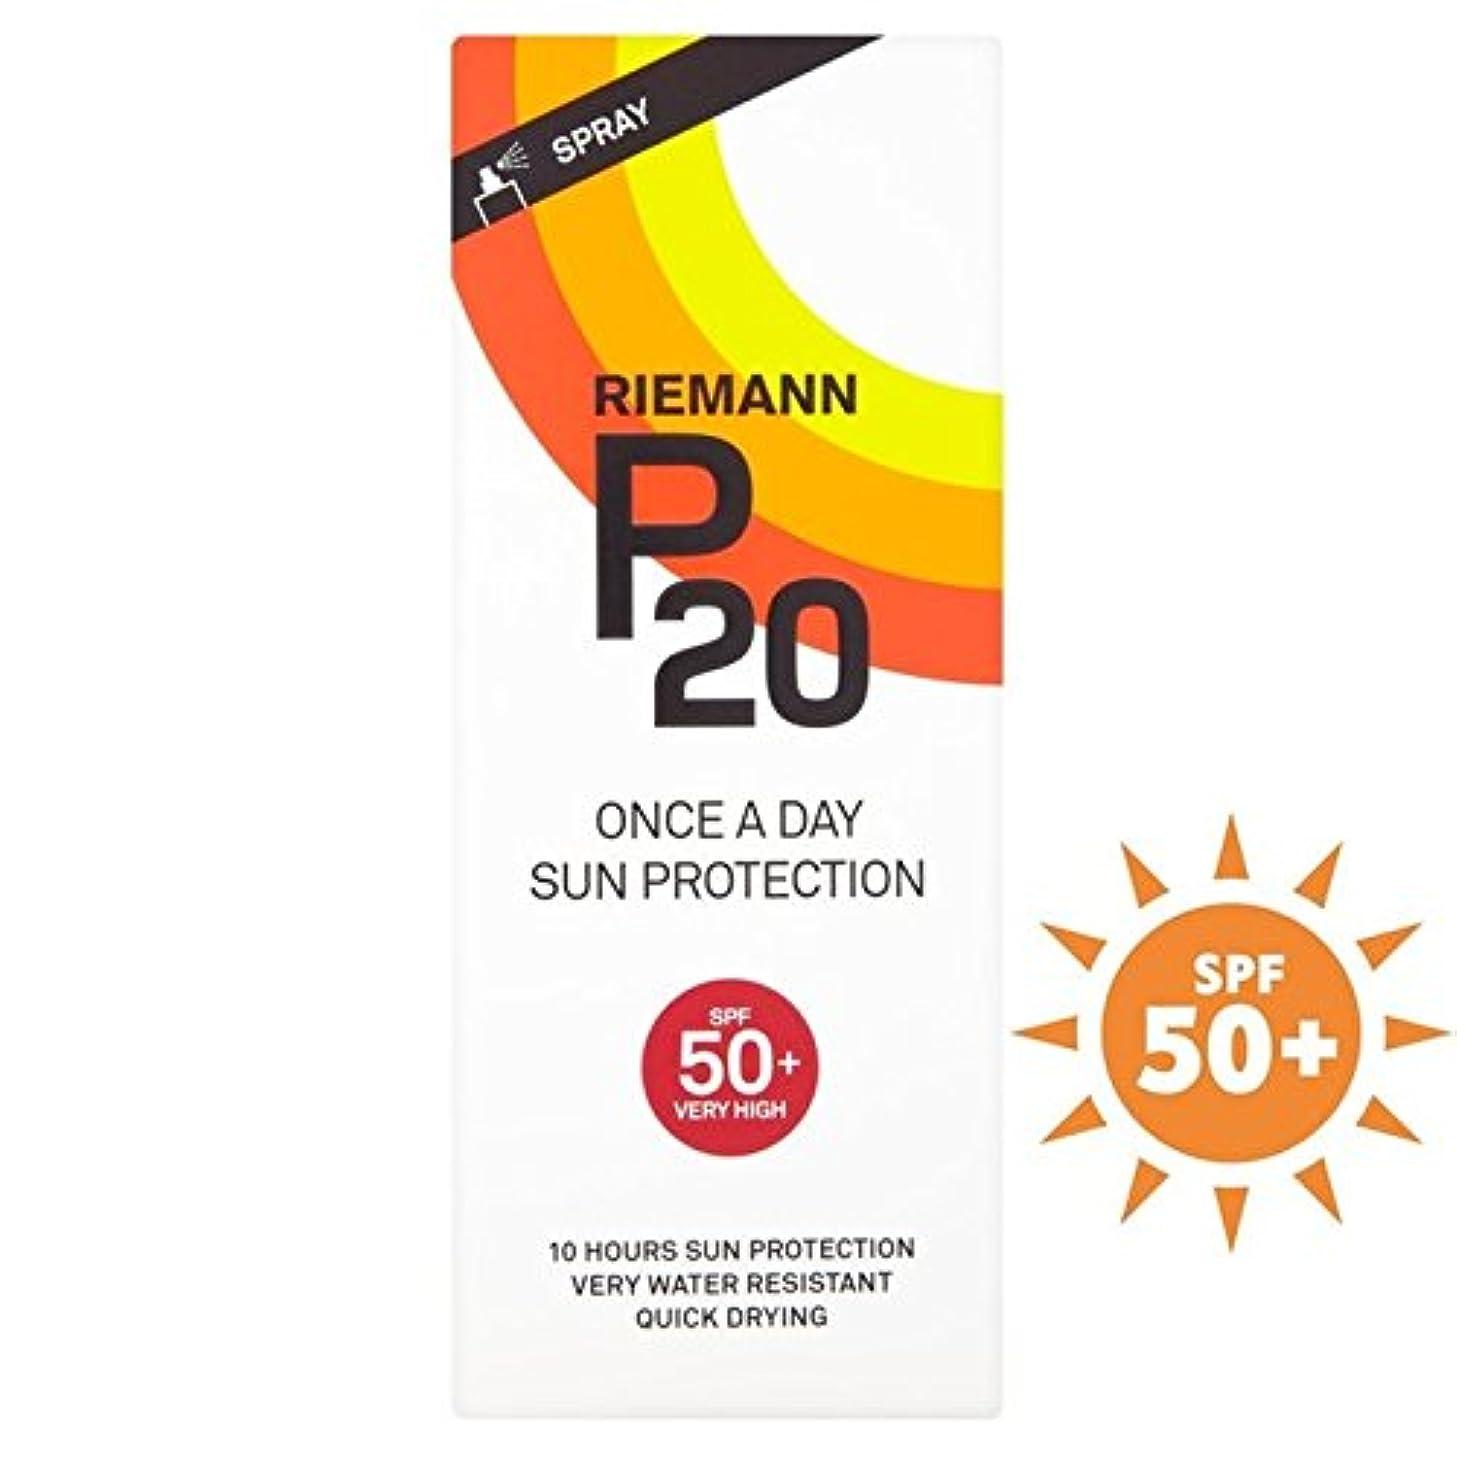 記念碑巻き取りしたがってRiemann P20 SPF50+ 1 Day/10 Hour Protection 200ml - リーマン20の50 + 1日/ 10時間の保護200ミリリットル [並行輸入品]